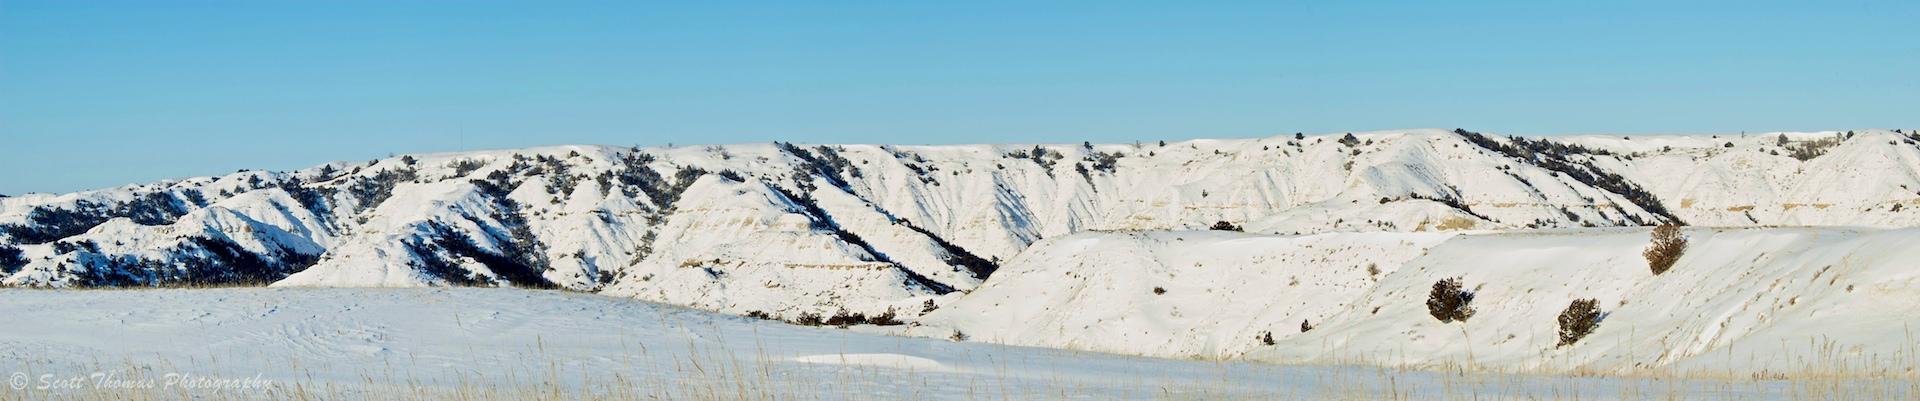 Theodore Roosevelt National Park panoramic landscape of the Theodore Roosevelt National Park near Medora, North Dakota from January of 2010.